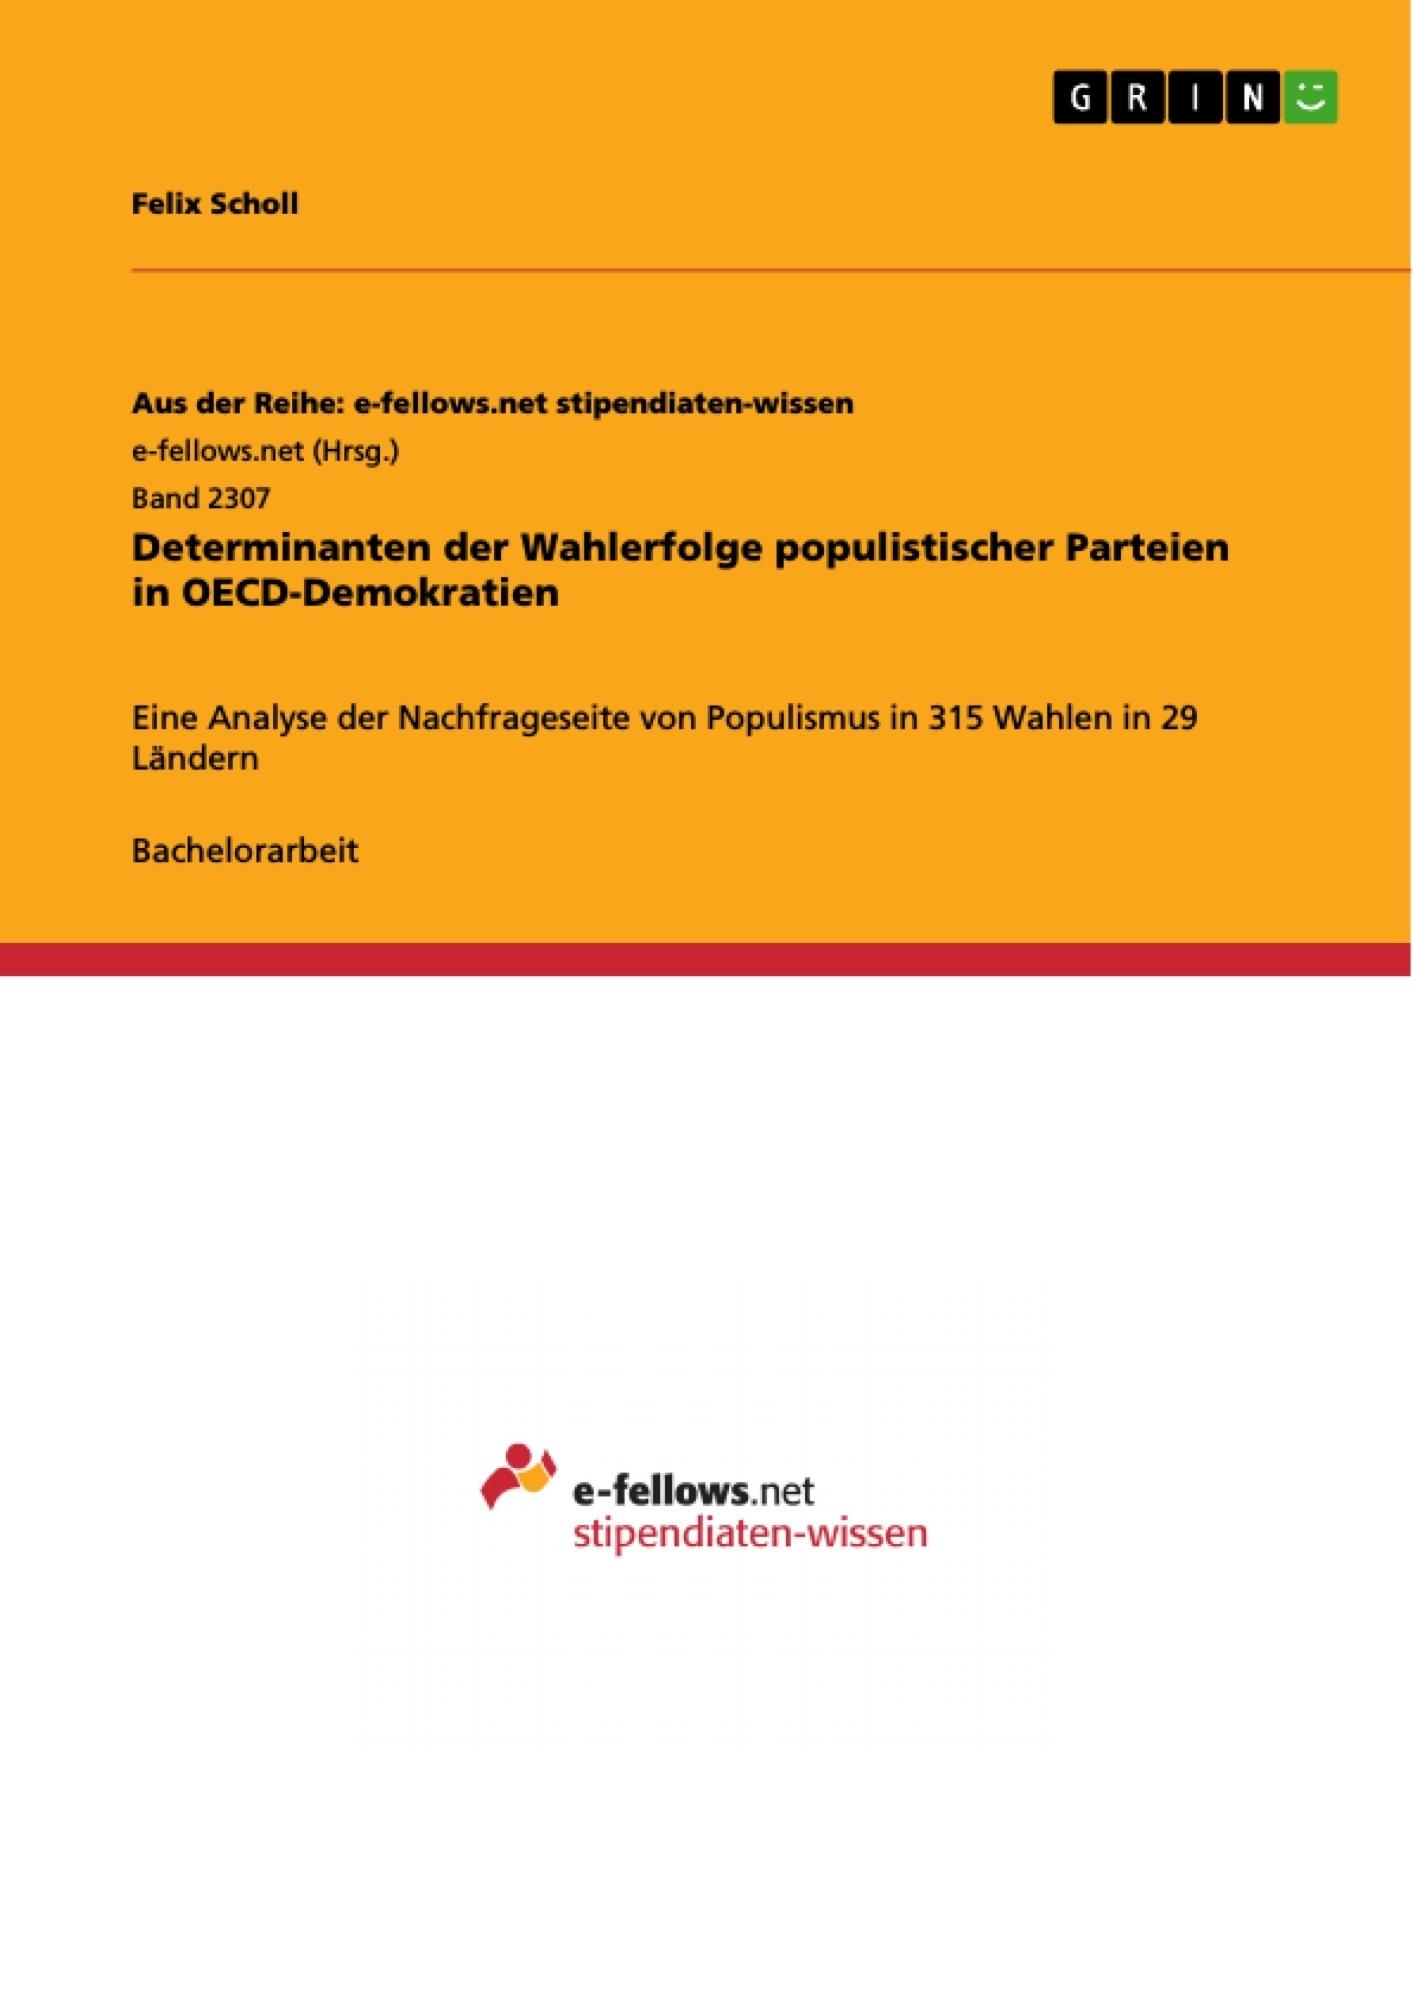 Titel: Determinanten der Wahlerfolge populistischer Parteien in OECD-Demokratien